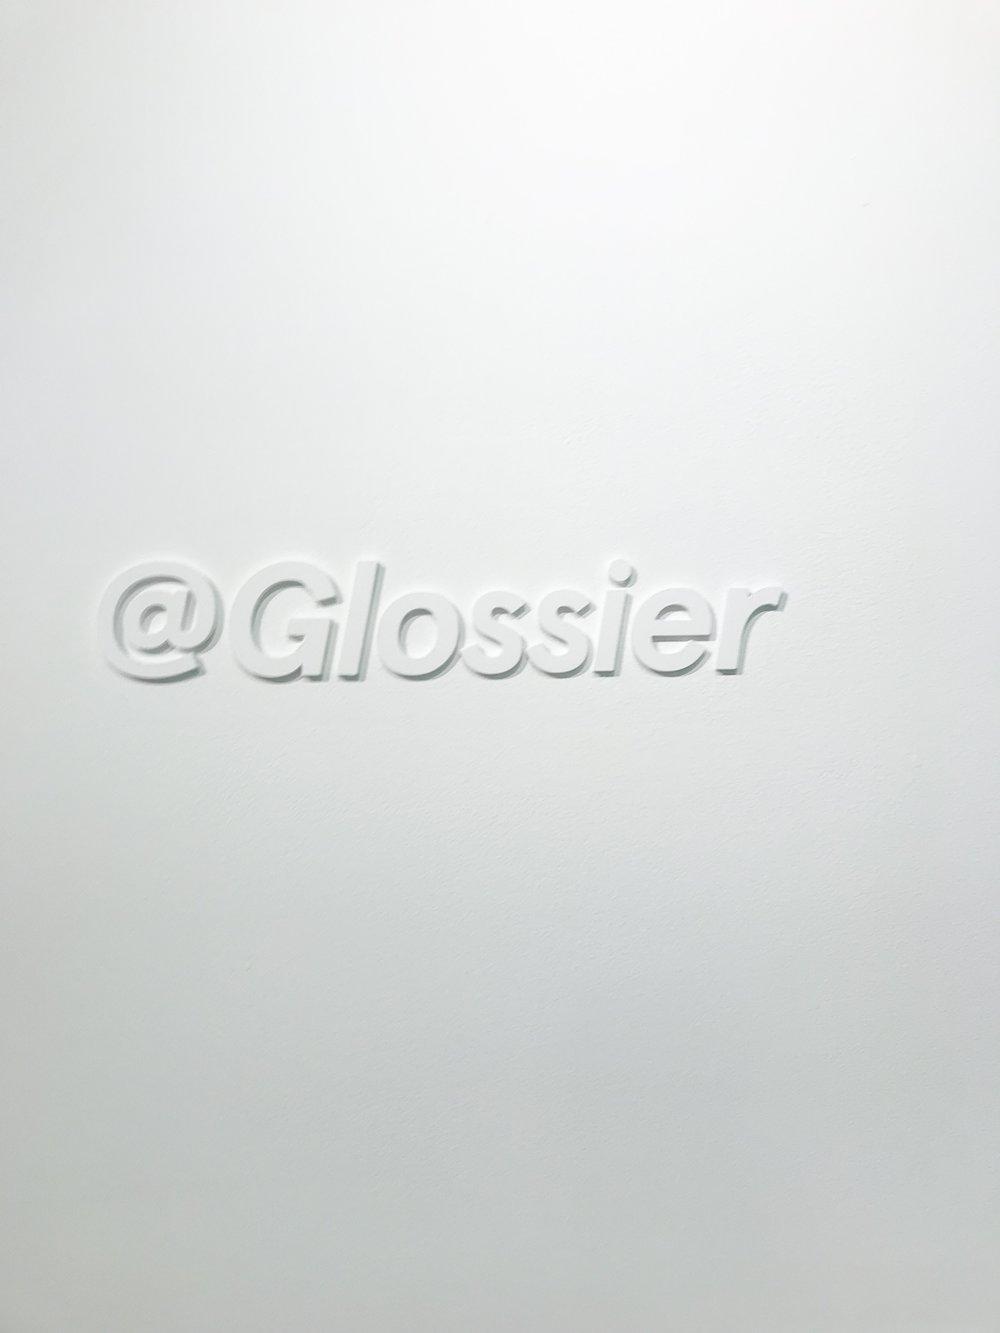 A1B3B21A-7FC1-4C8D-BBB6-36EE50C961E4.JPEG